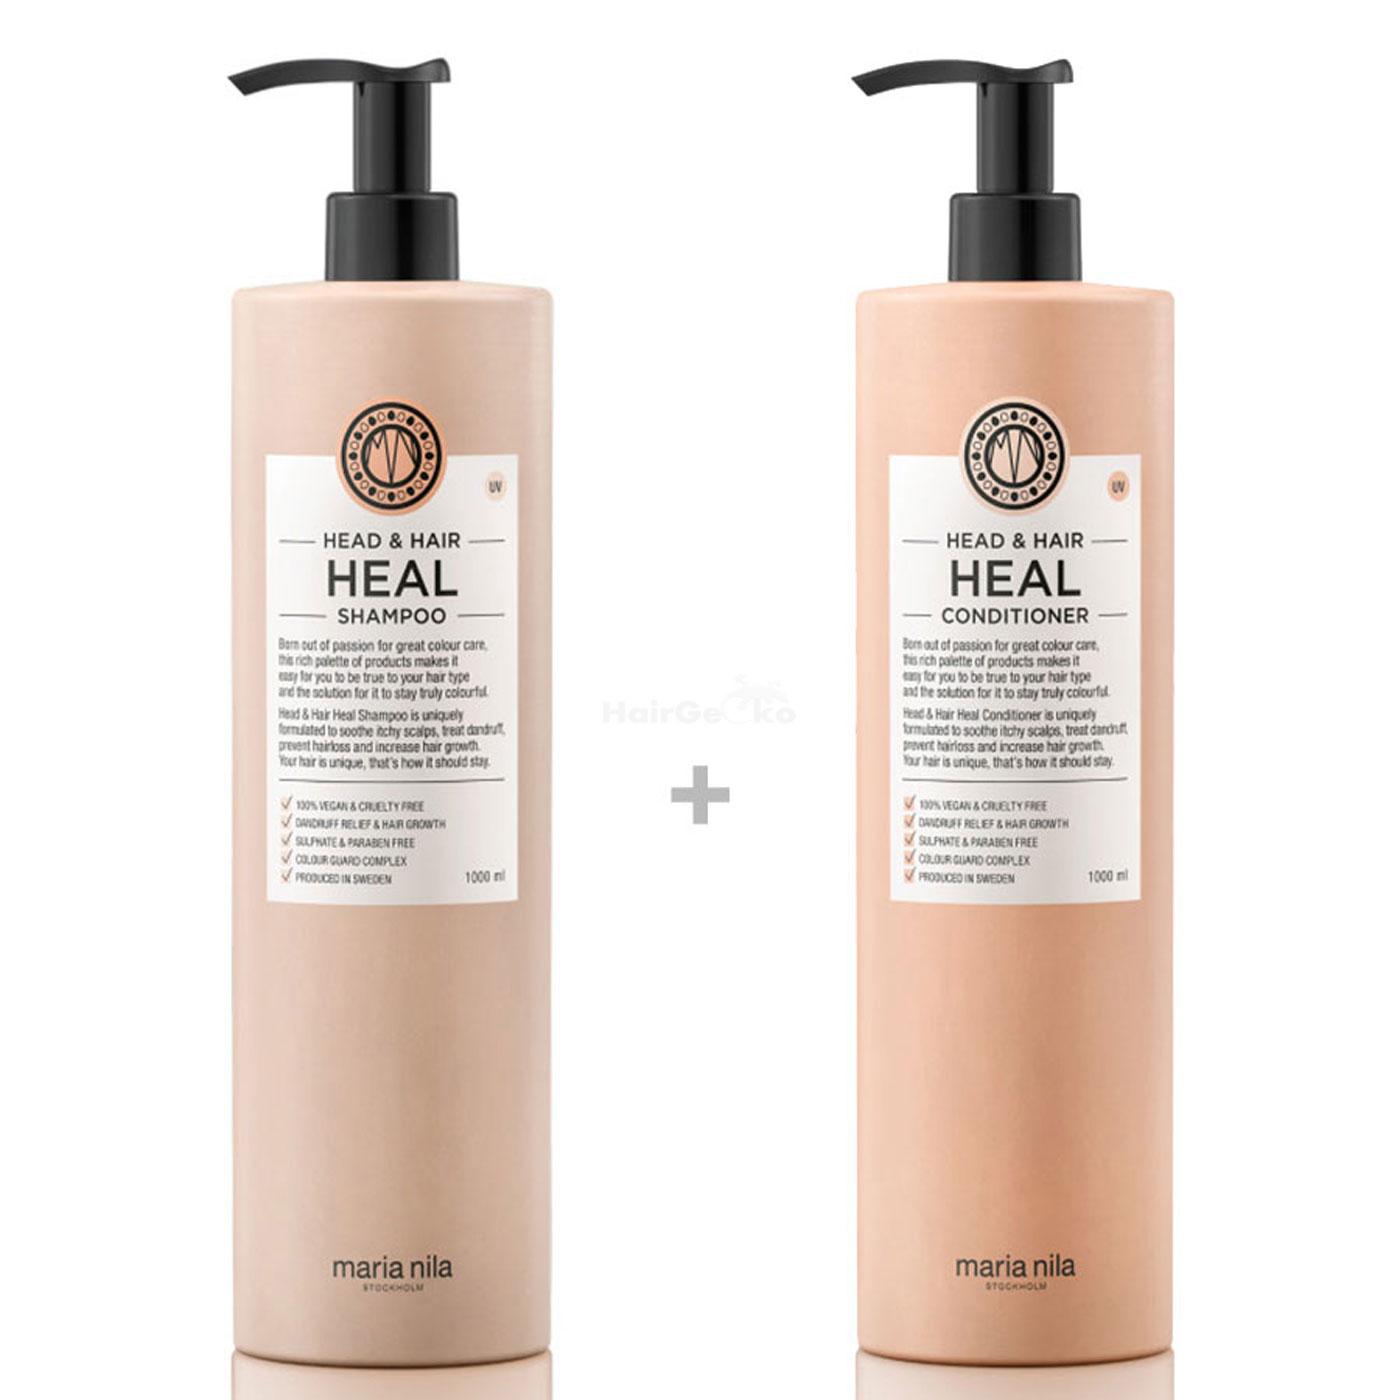 Maria Nila Head & Hair Heal XXL Set - Shampoo 1000 ml + Conditioner 1000 ml